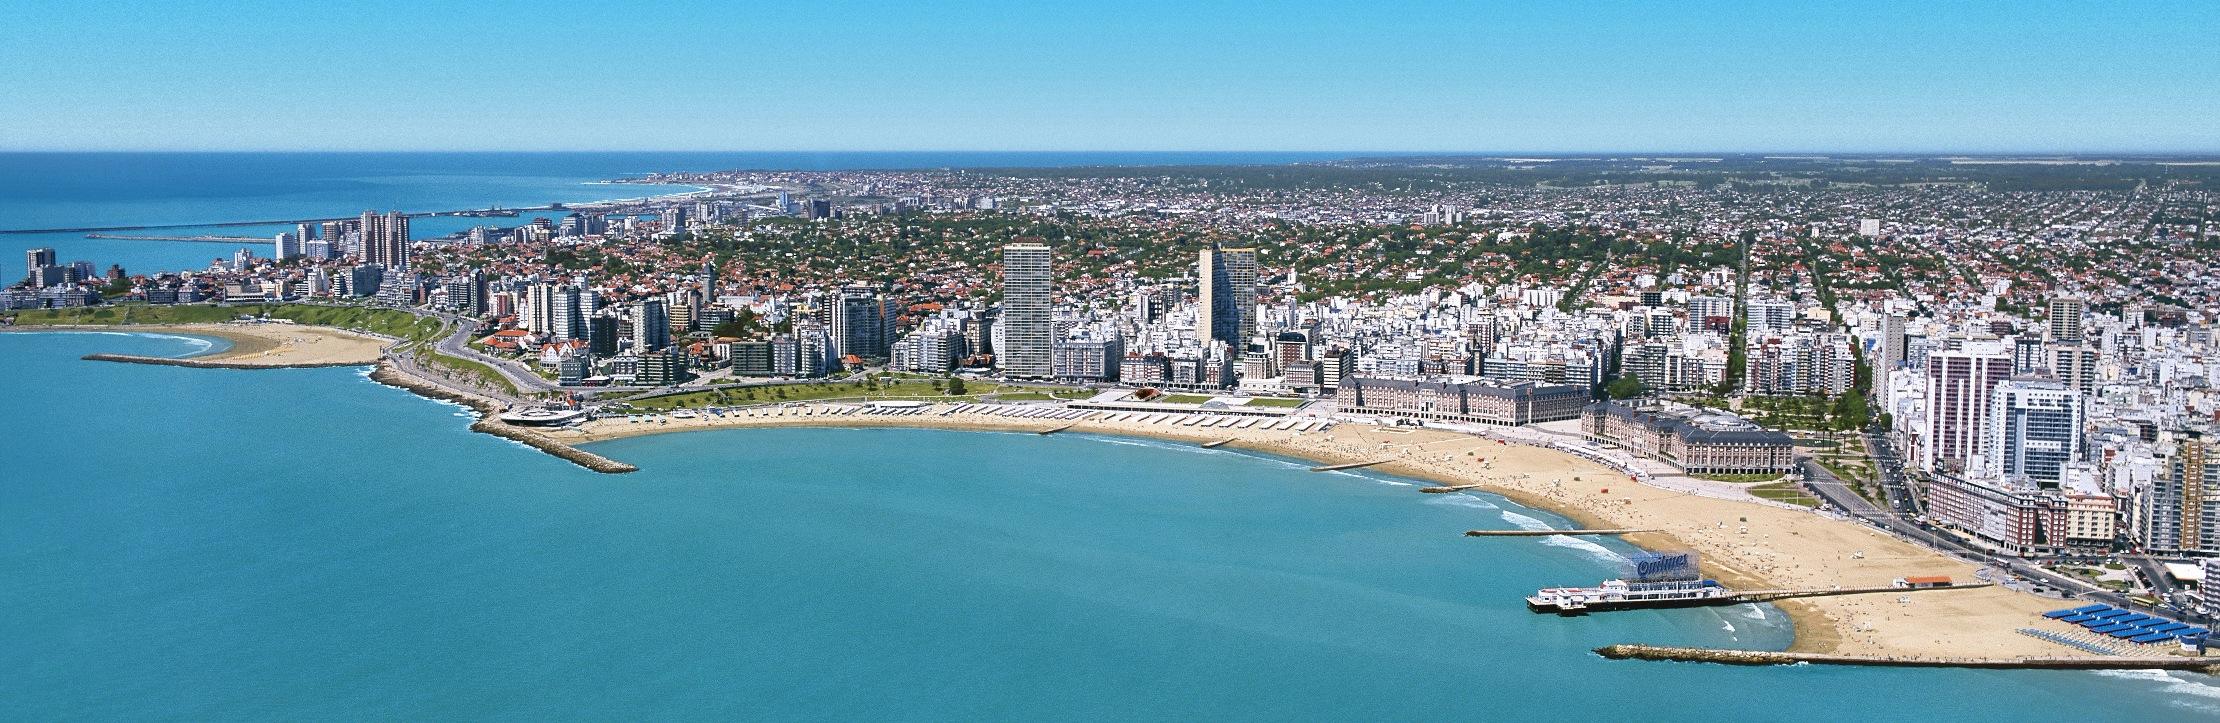 Mar del Plata, costa atlantica